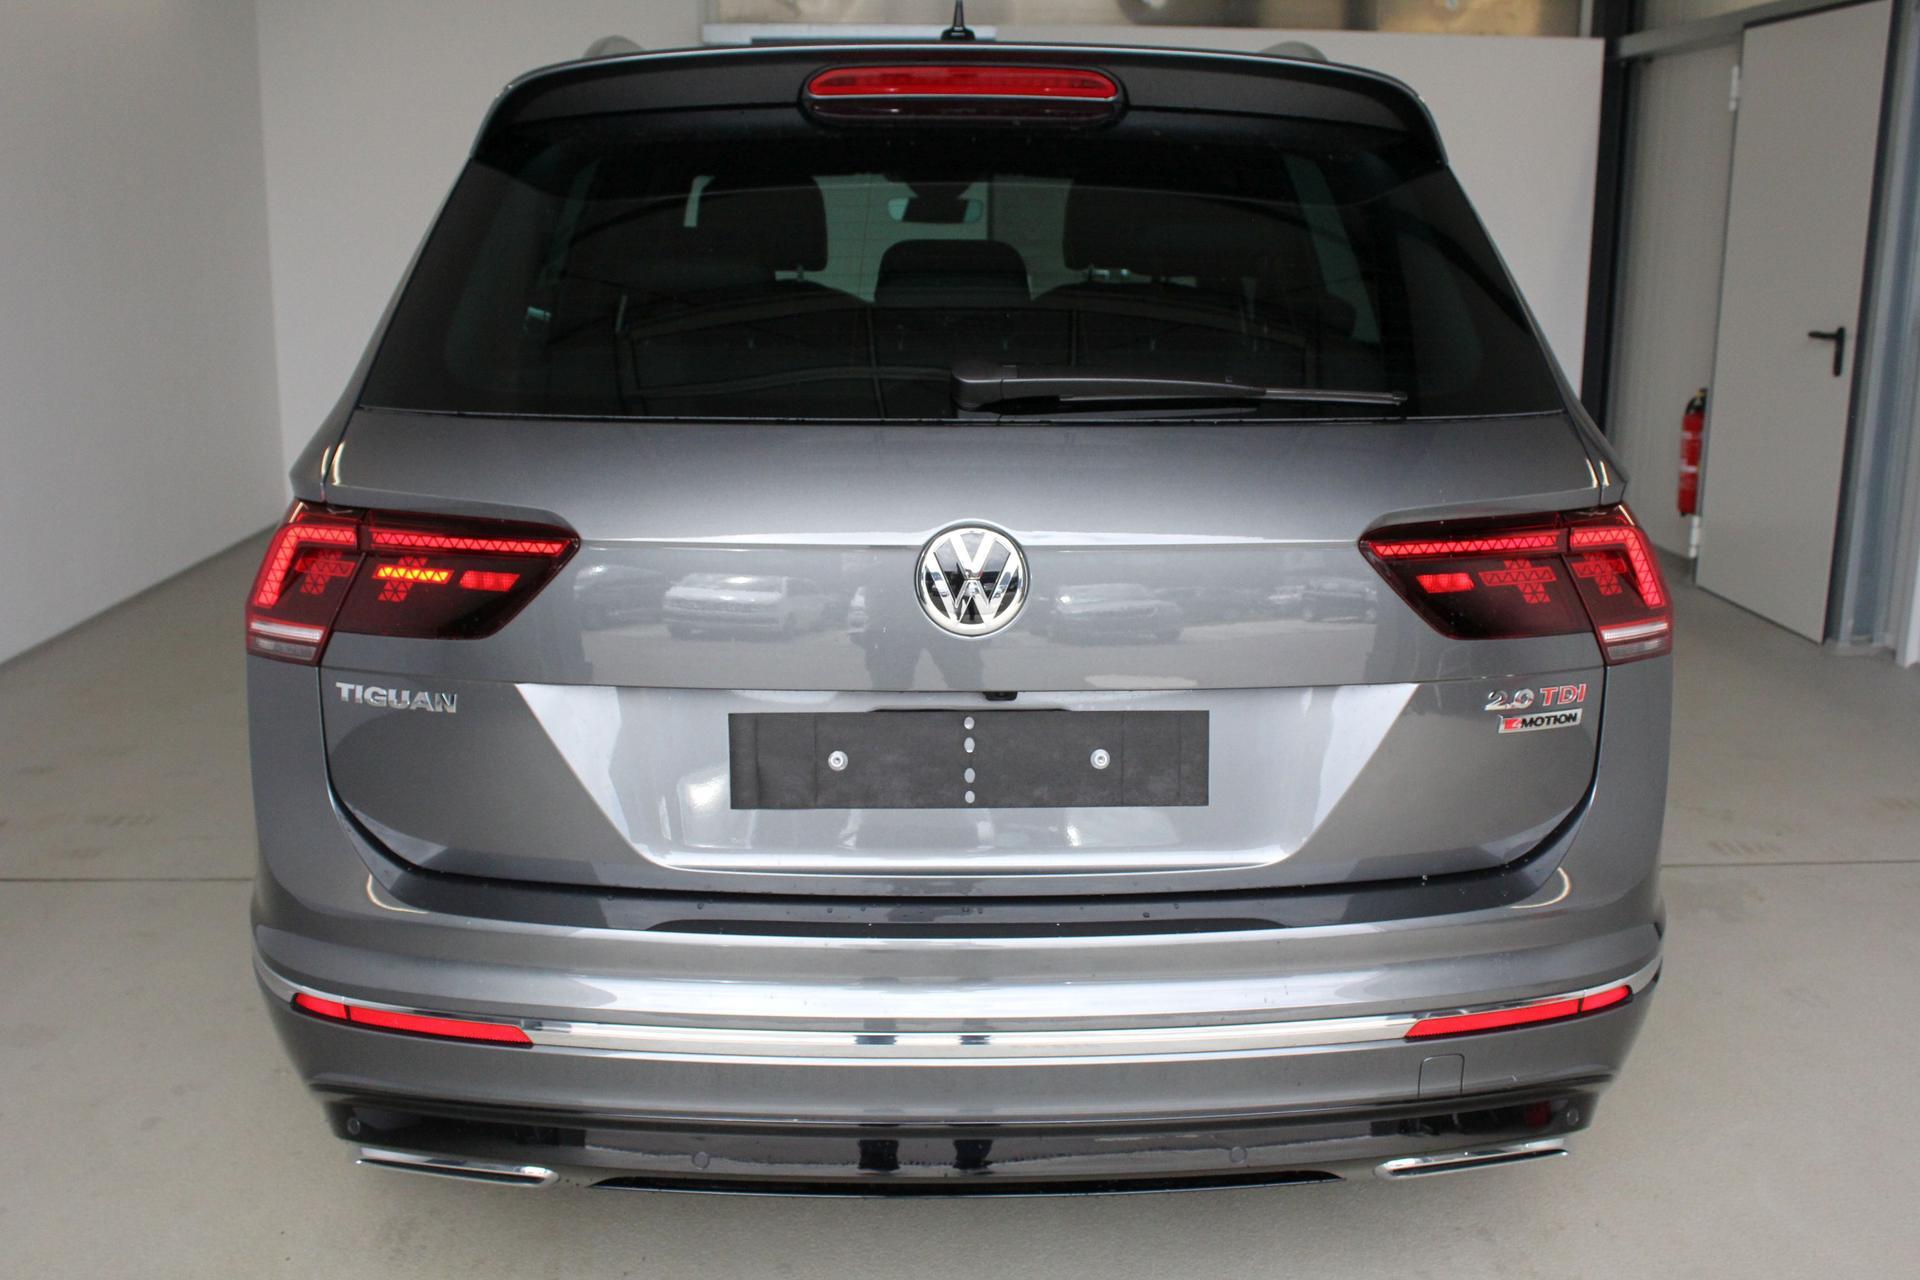 Volkswagen Tiguan Highline R Line Vollausstattung 20 Tdi Dsg Scr